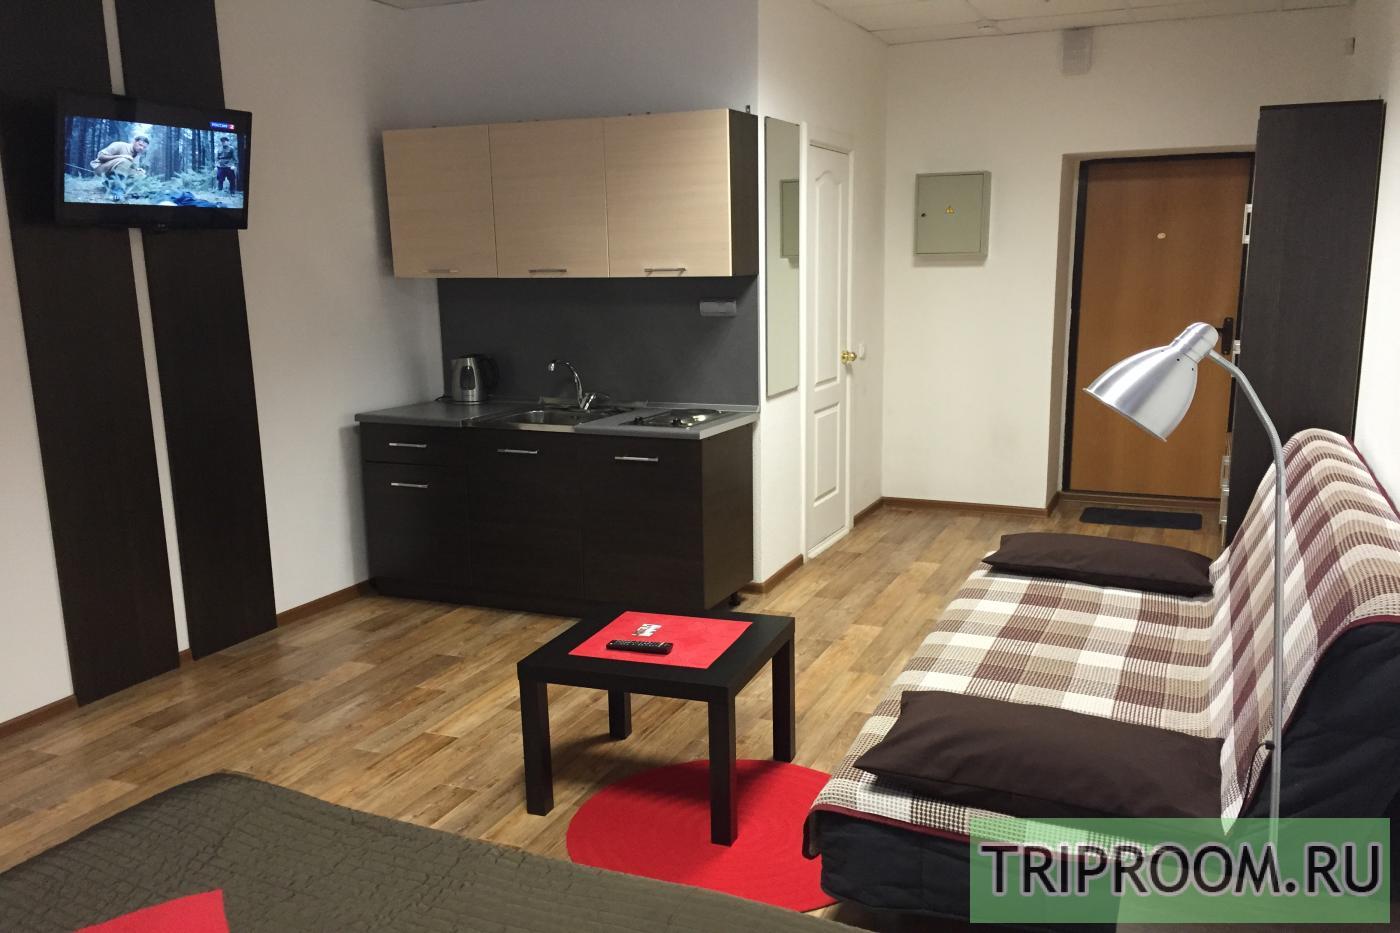 1-комнатная квартира посуточно (вариант № 13426), ул. Екатерининская улица, фото № 2